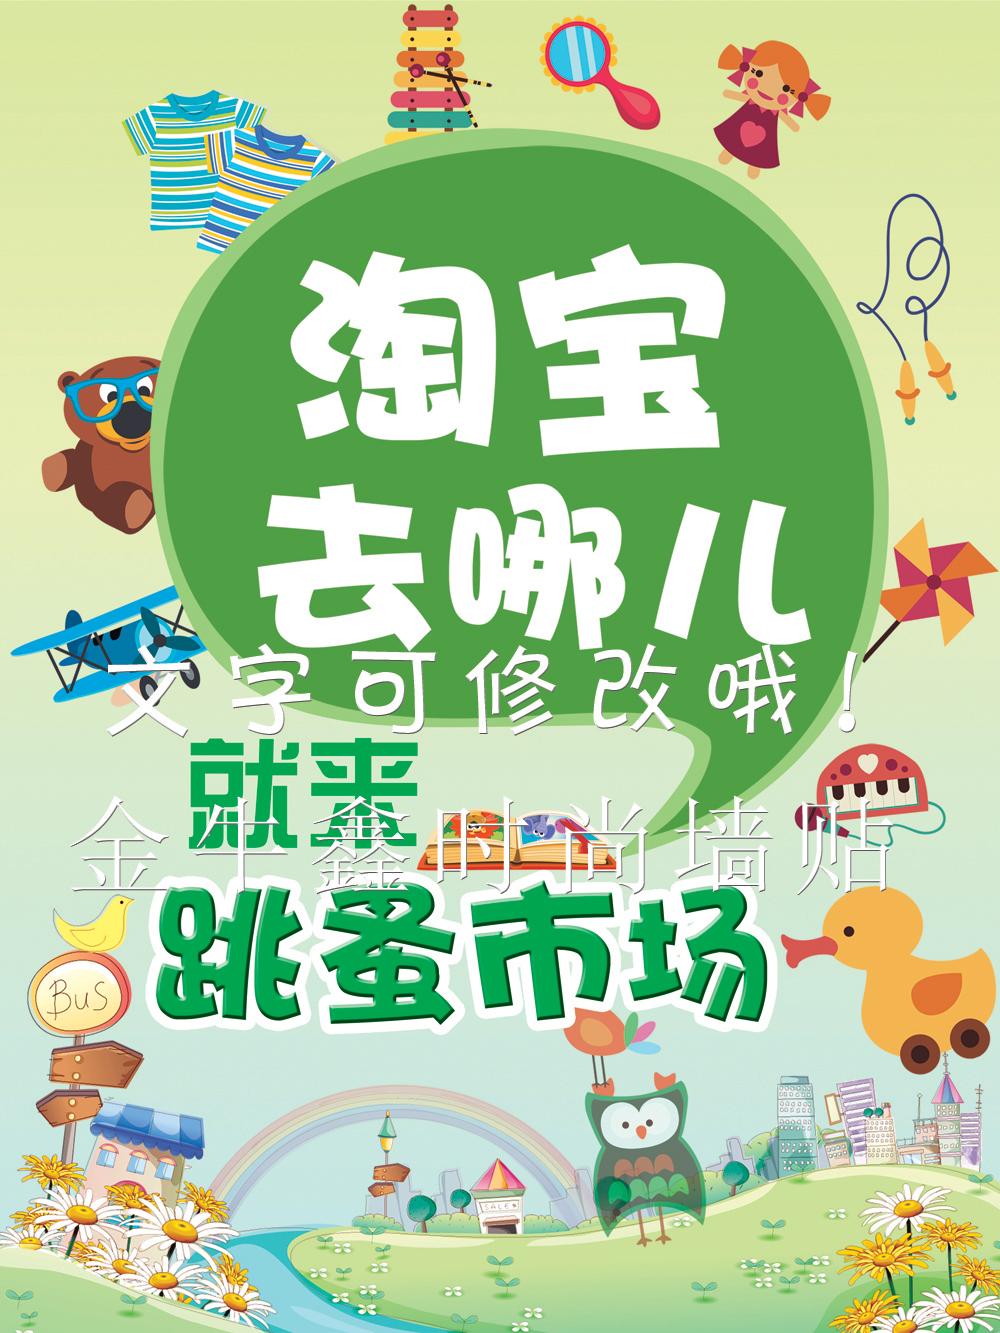 学校 幼儿园 跳蚤市场海报 爱心义卖海报 宣传画 竖款80款